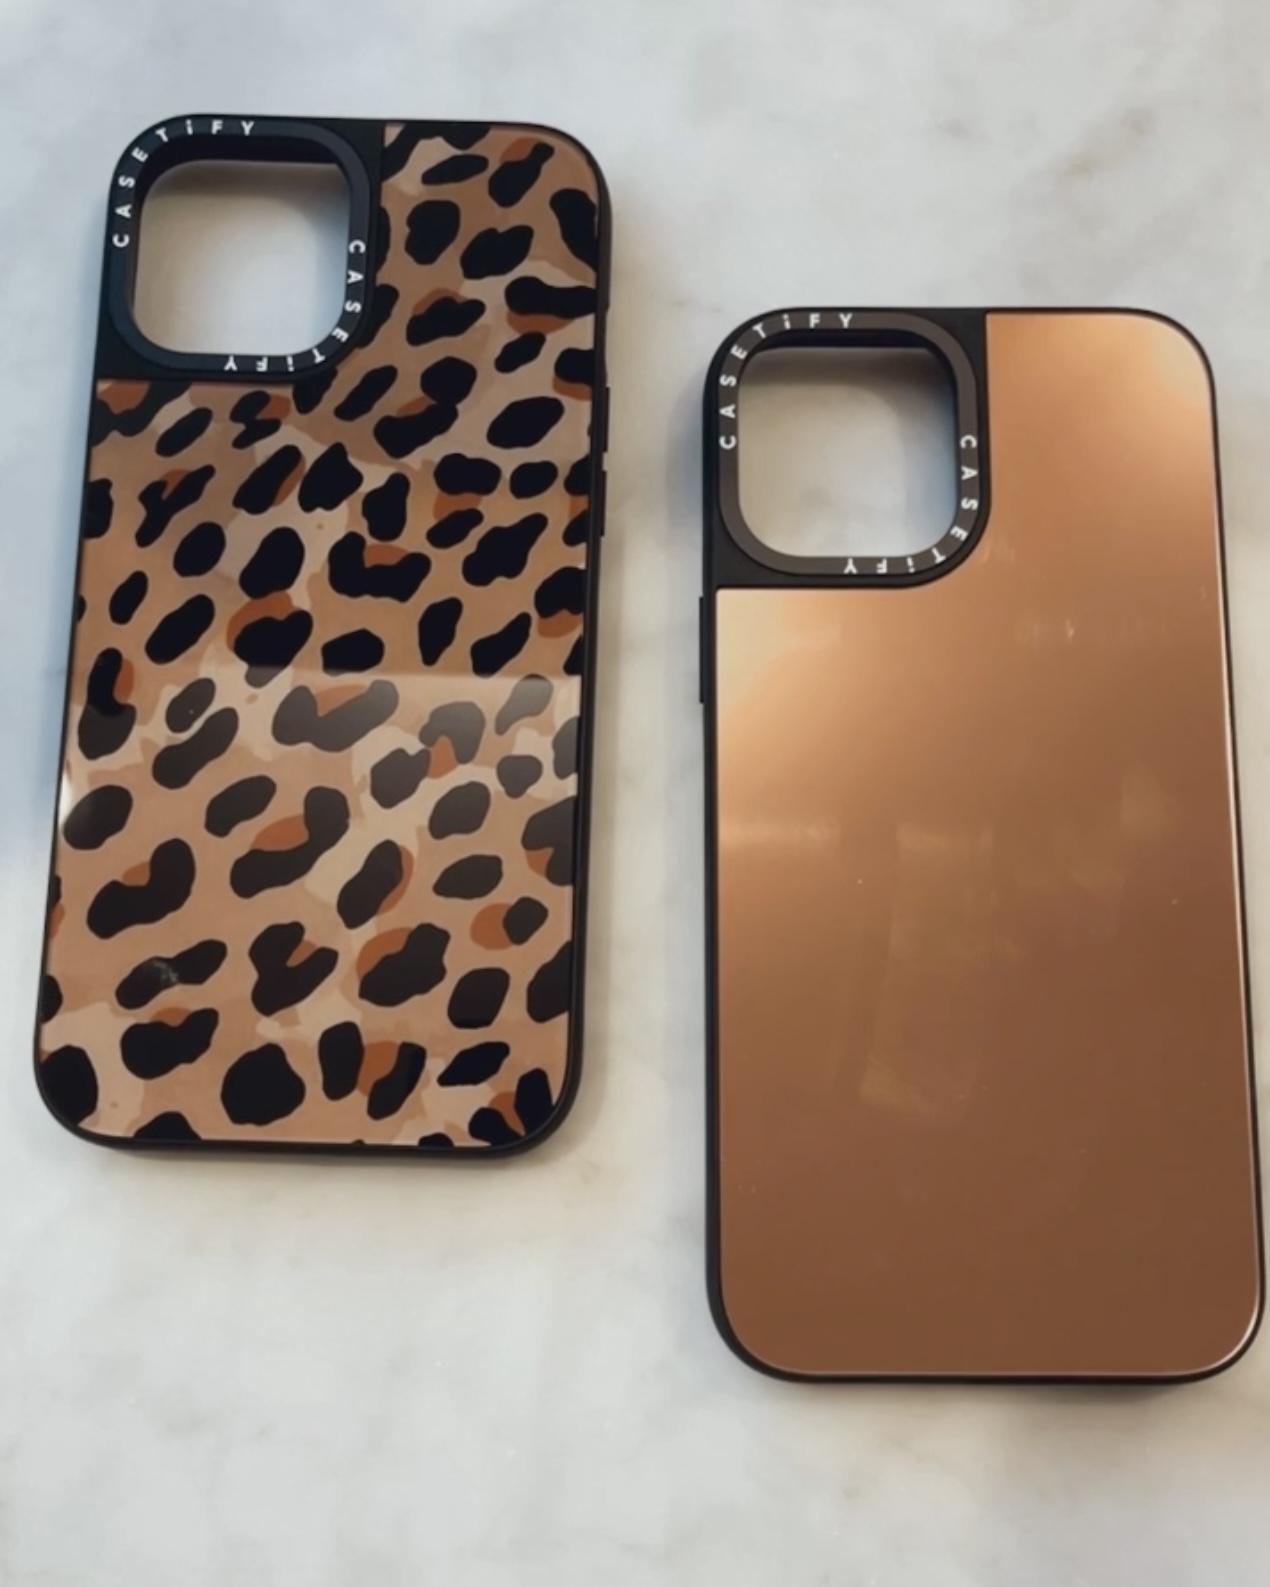 Fashion Jackson Casetify iPhone Cases